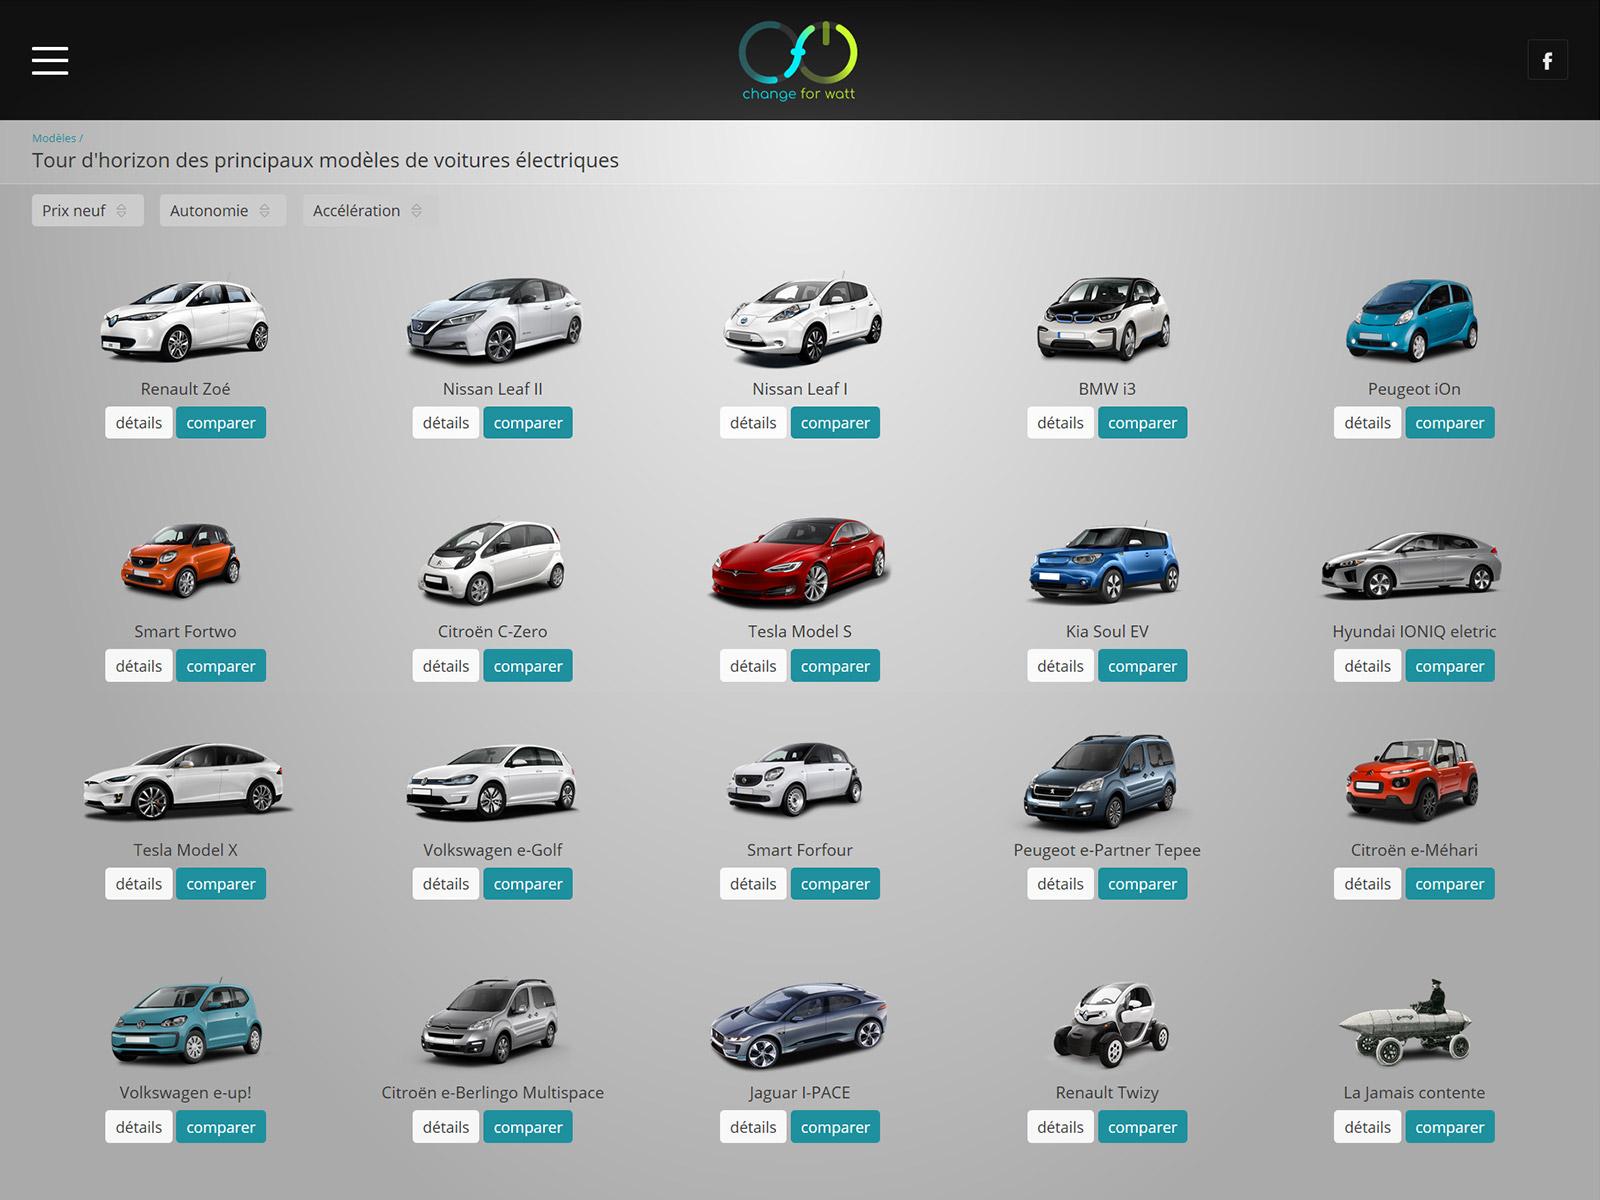 Liste des principales voitures électriques